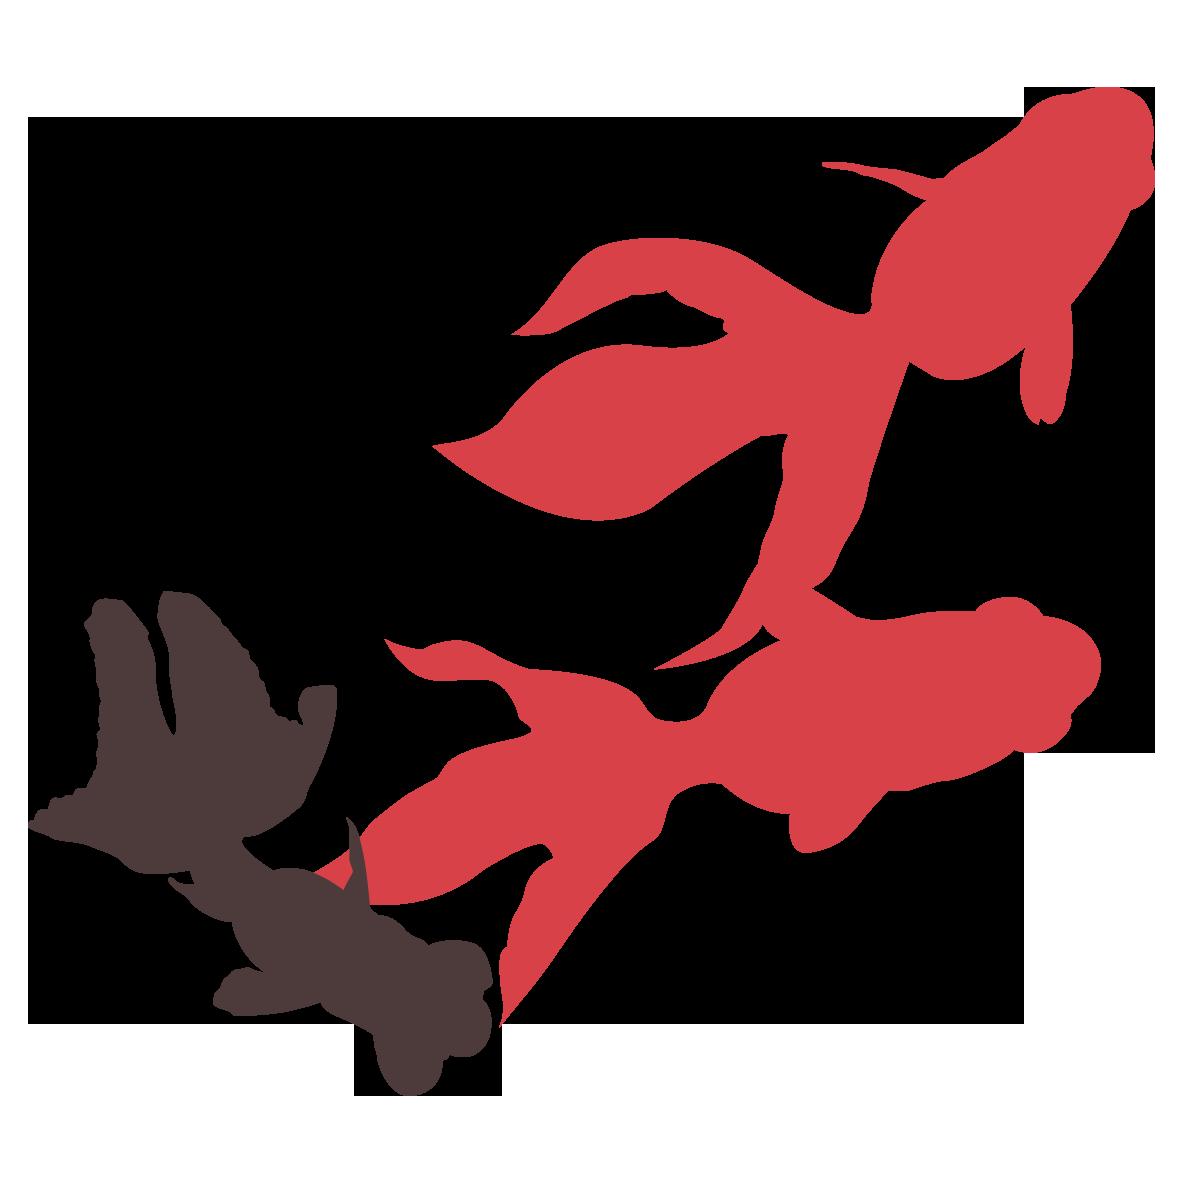 赤い金魚と黒い金魚 無料イラスト愛